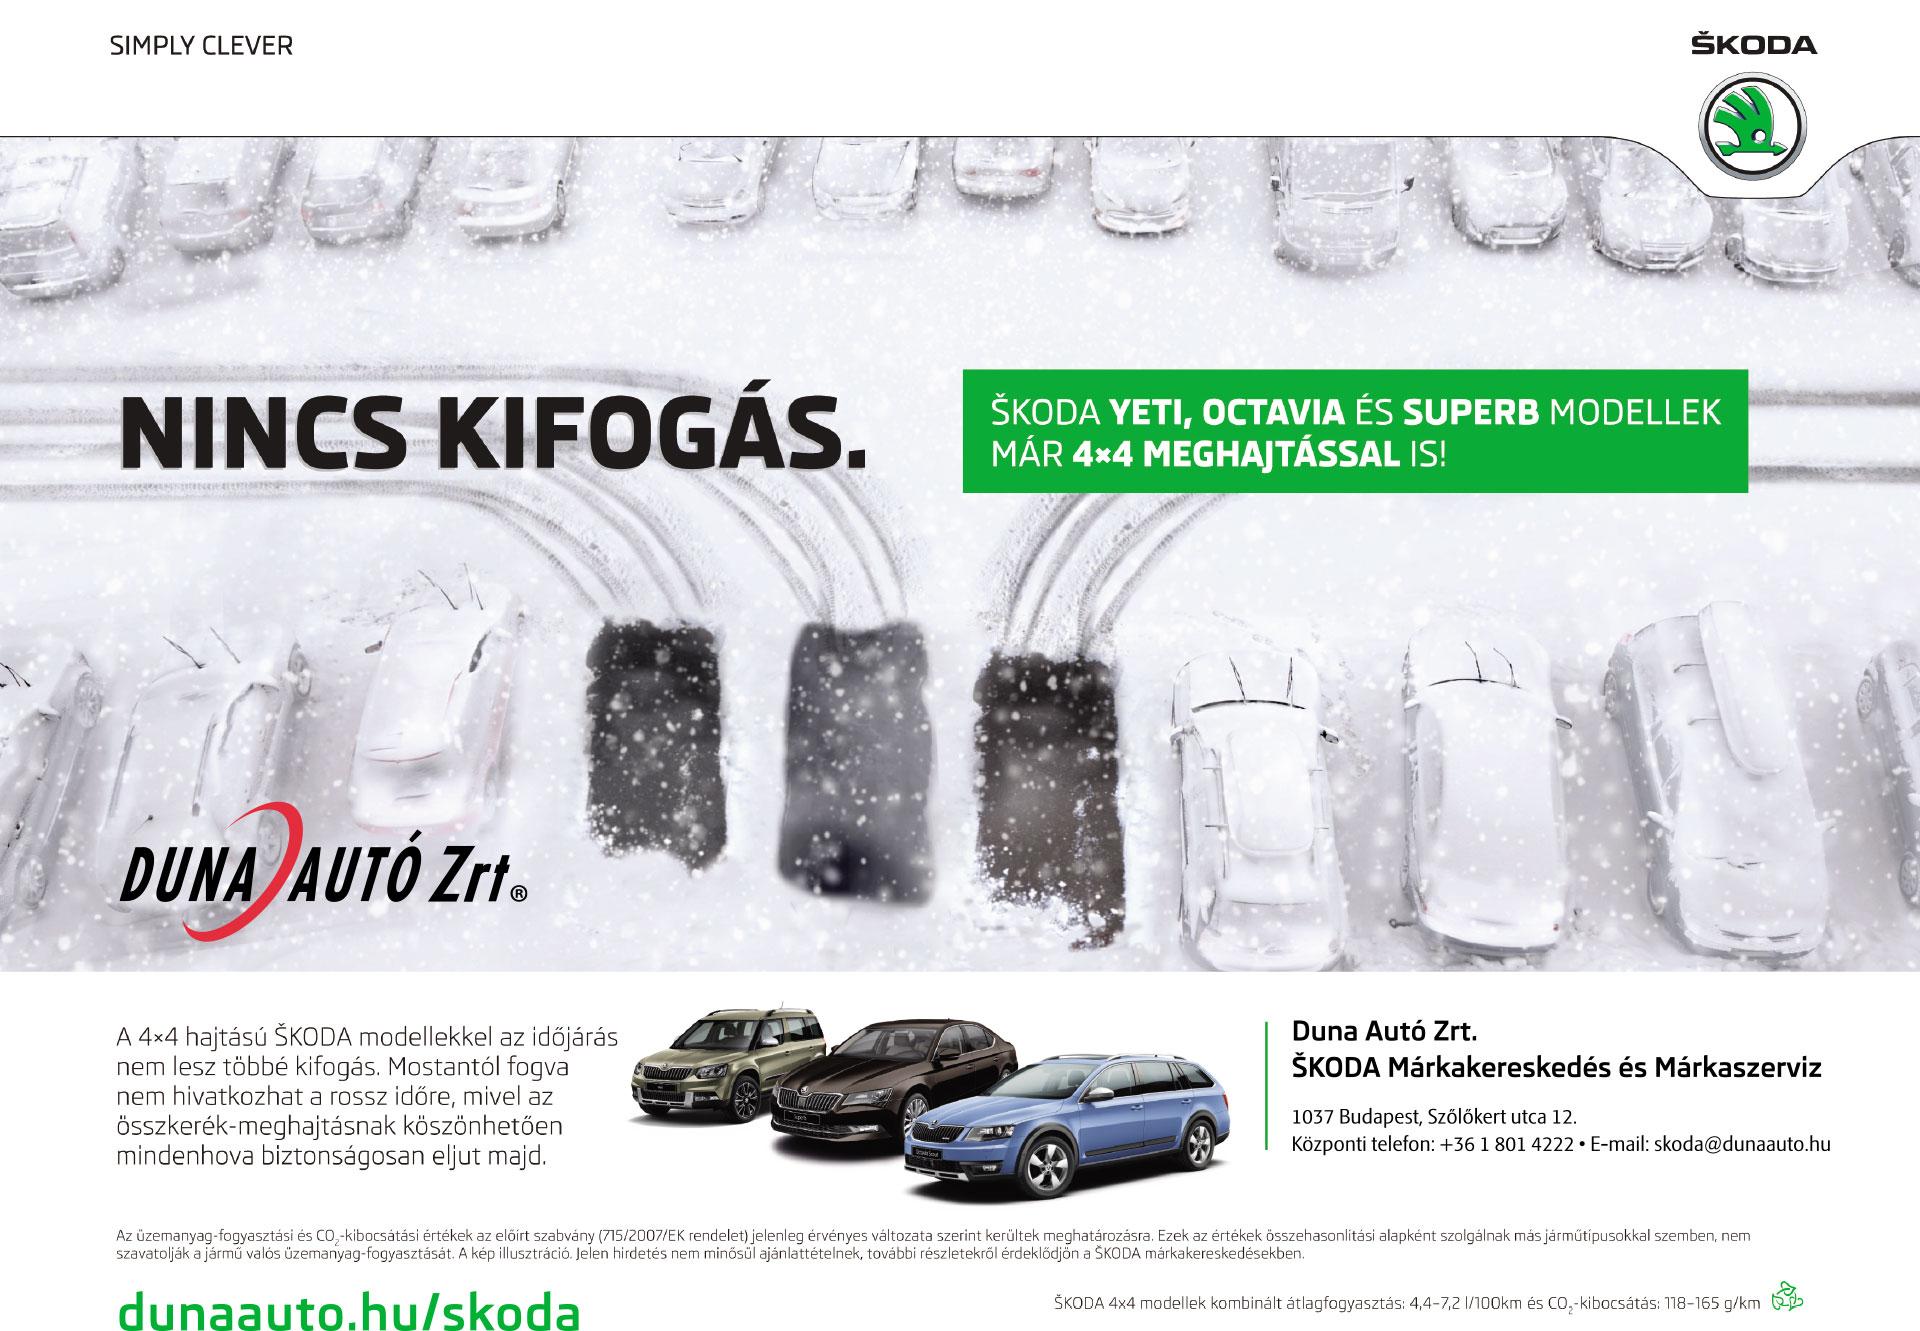 Skoda 4x4 modellek, Yeti, Octavia, Superb, 4x4